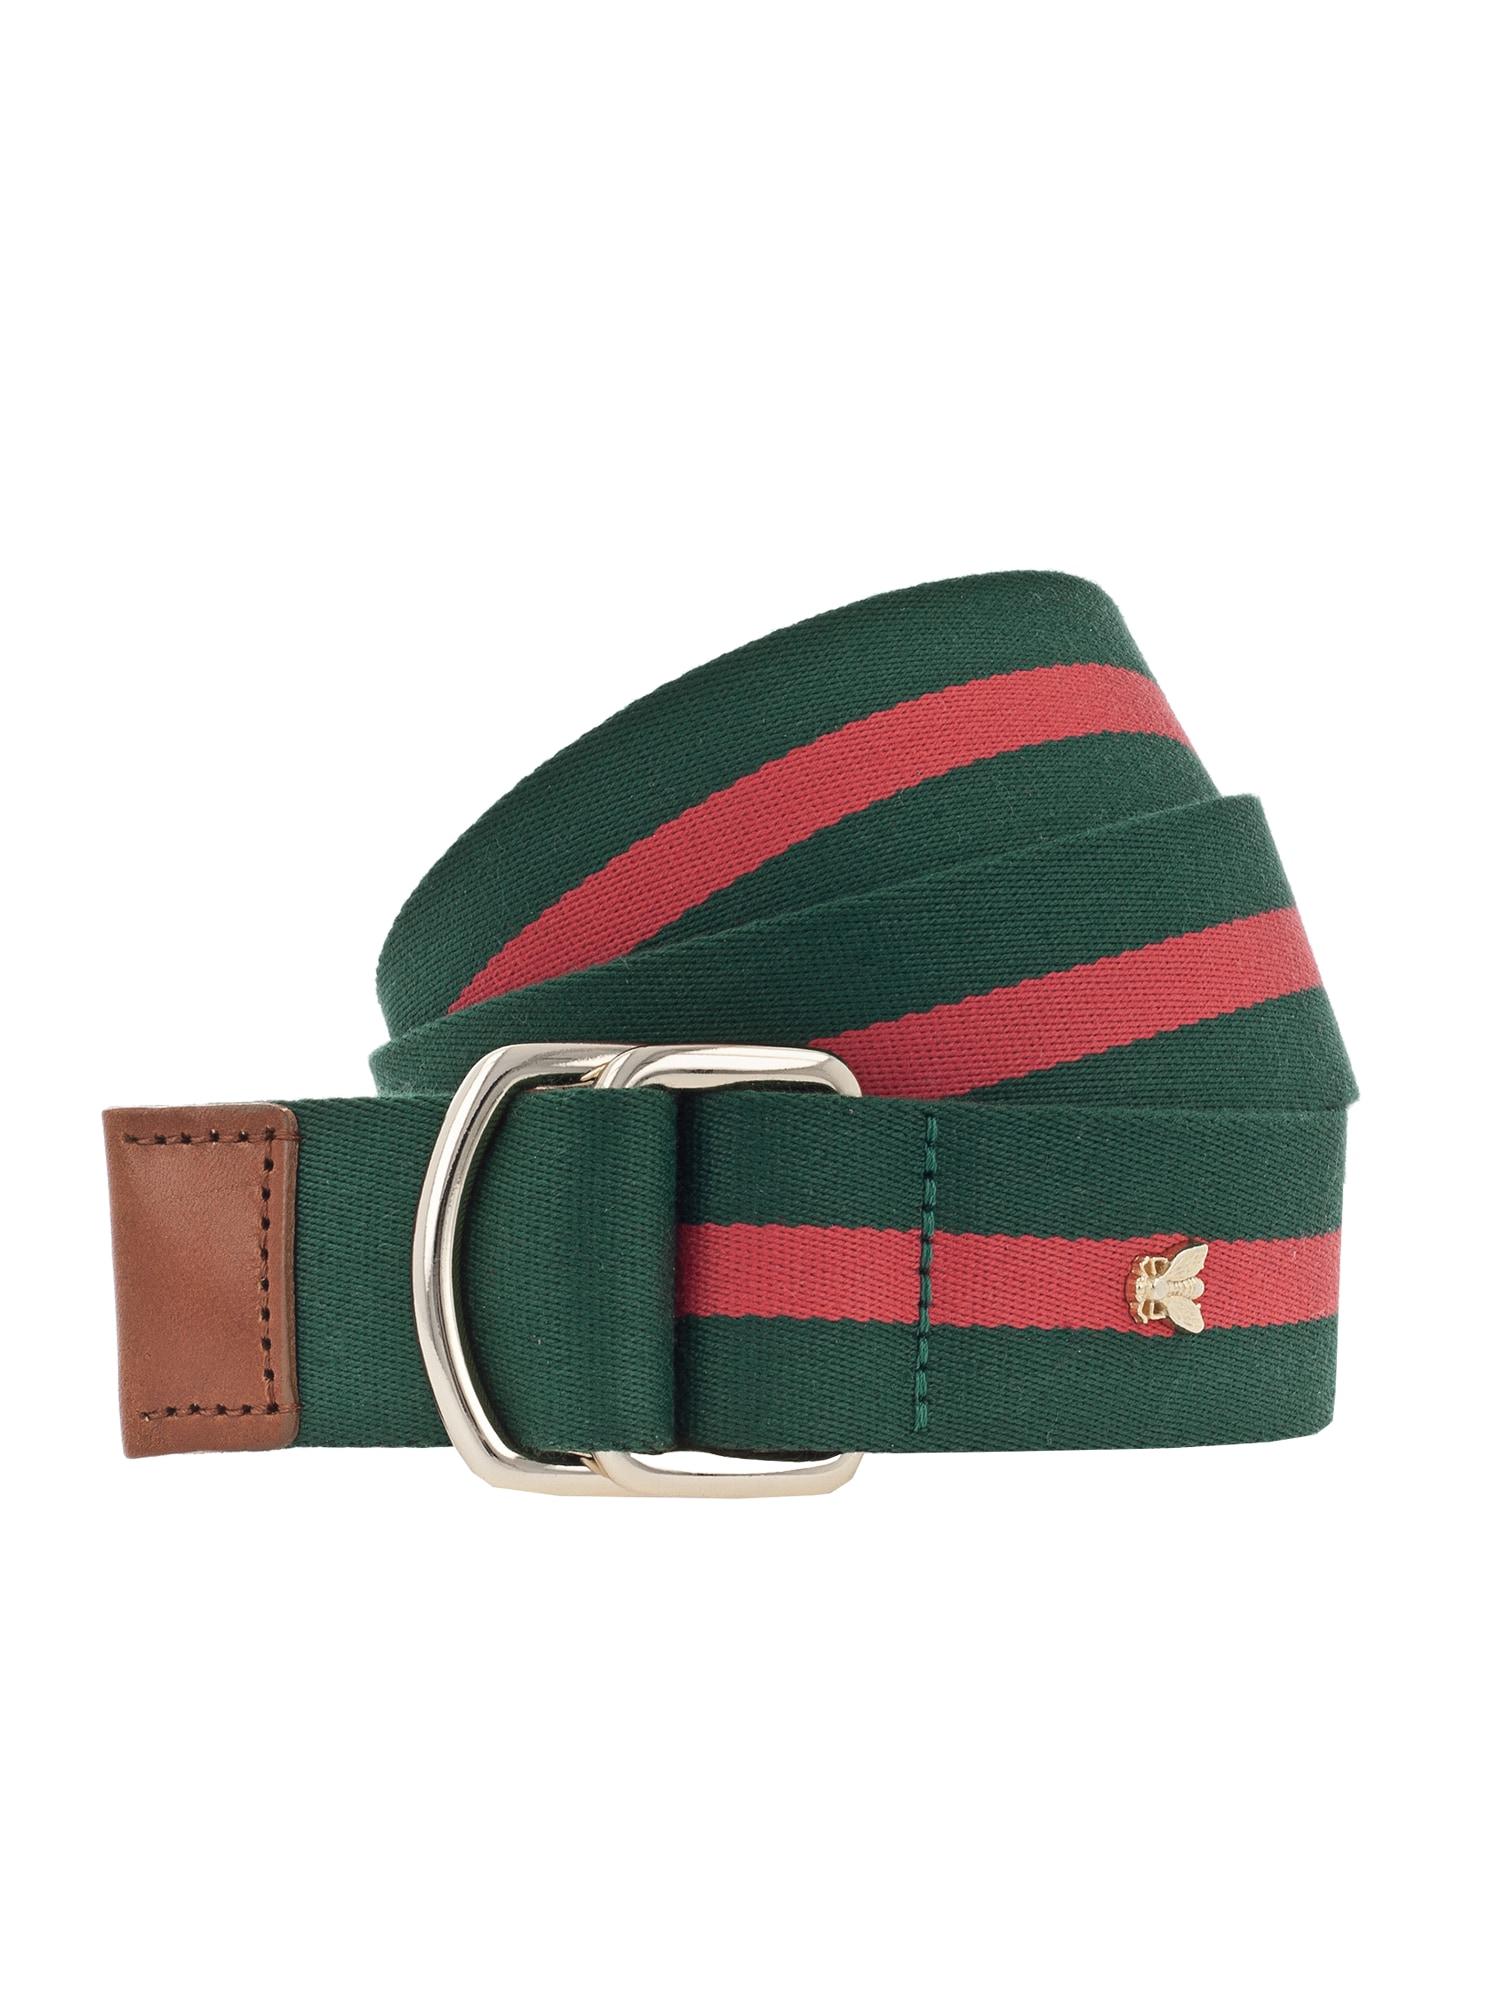 Opasek Streifen 35cm zelená červená VANZETTI